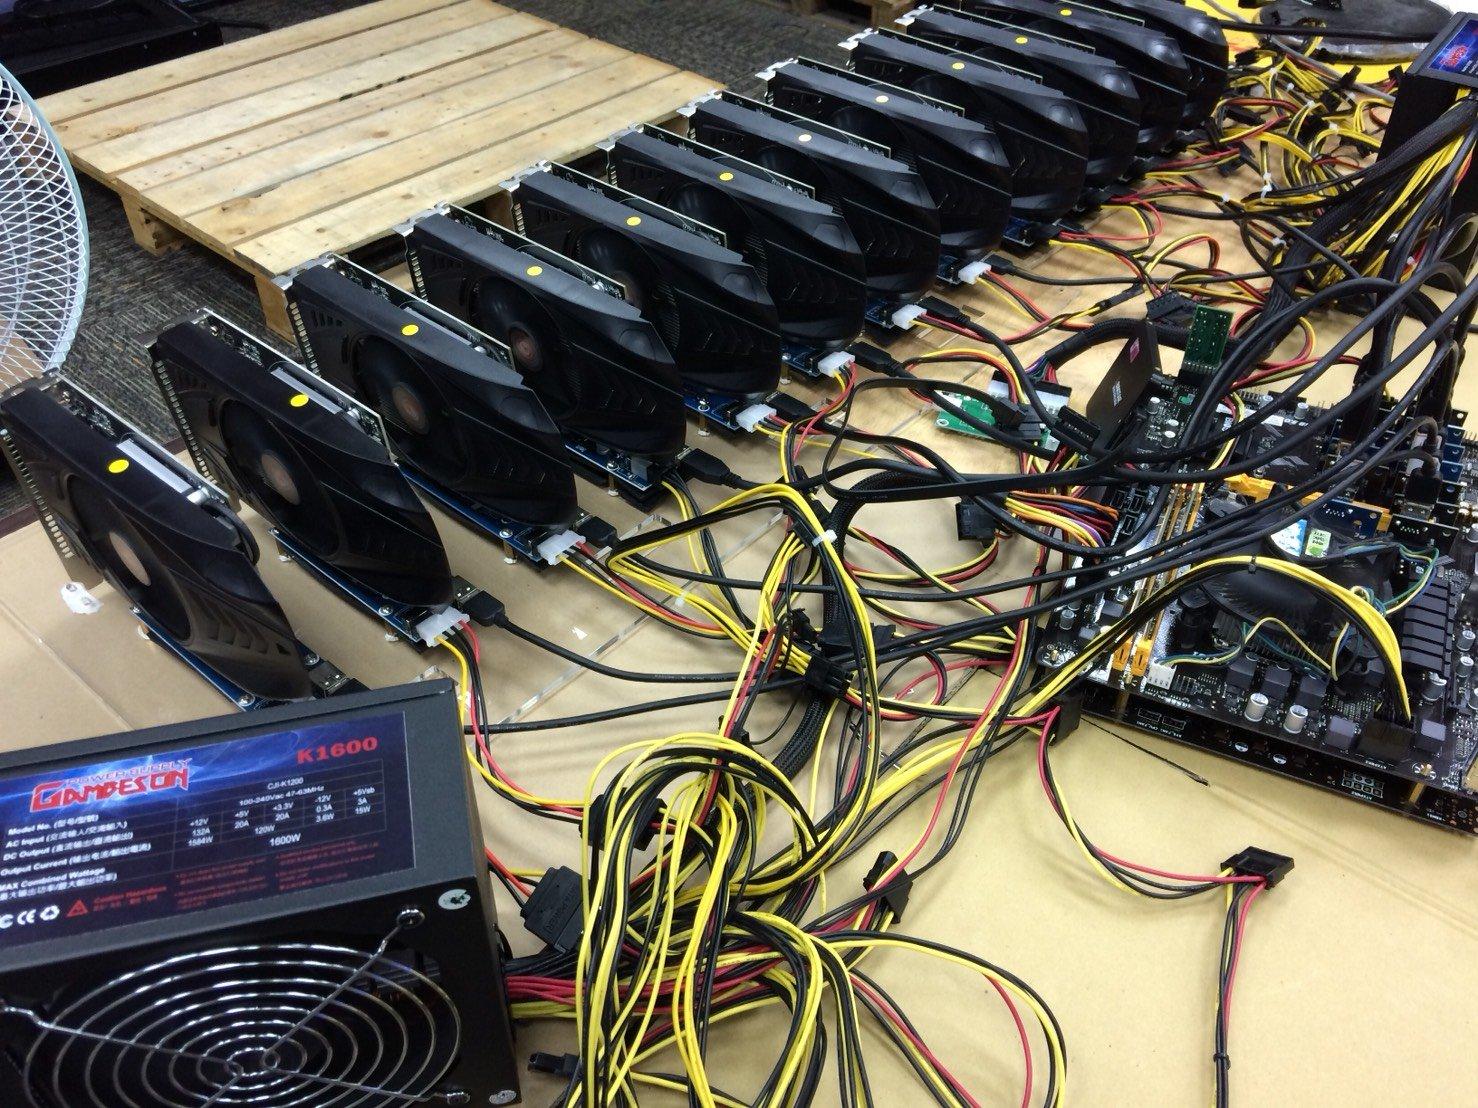 12 x AMD RX560 4gb on 1 power! — Ethereum Community Forum